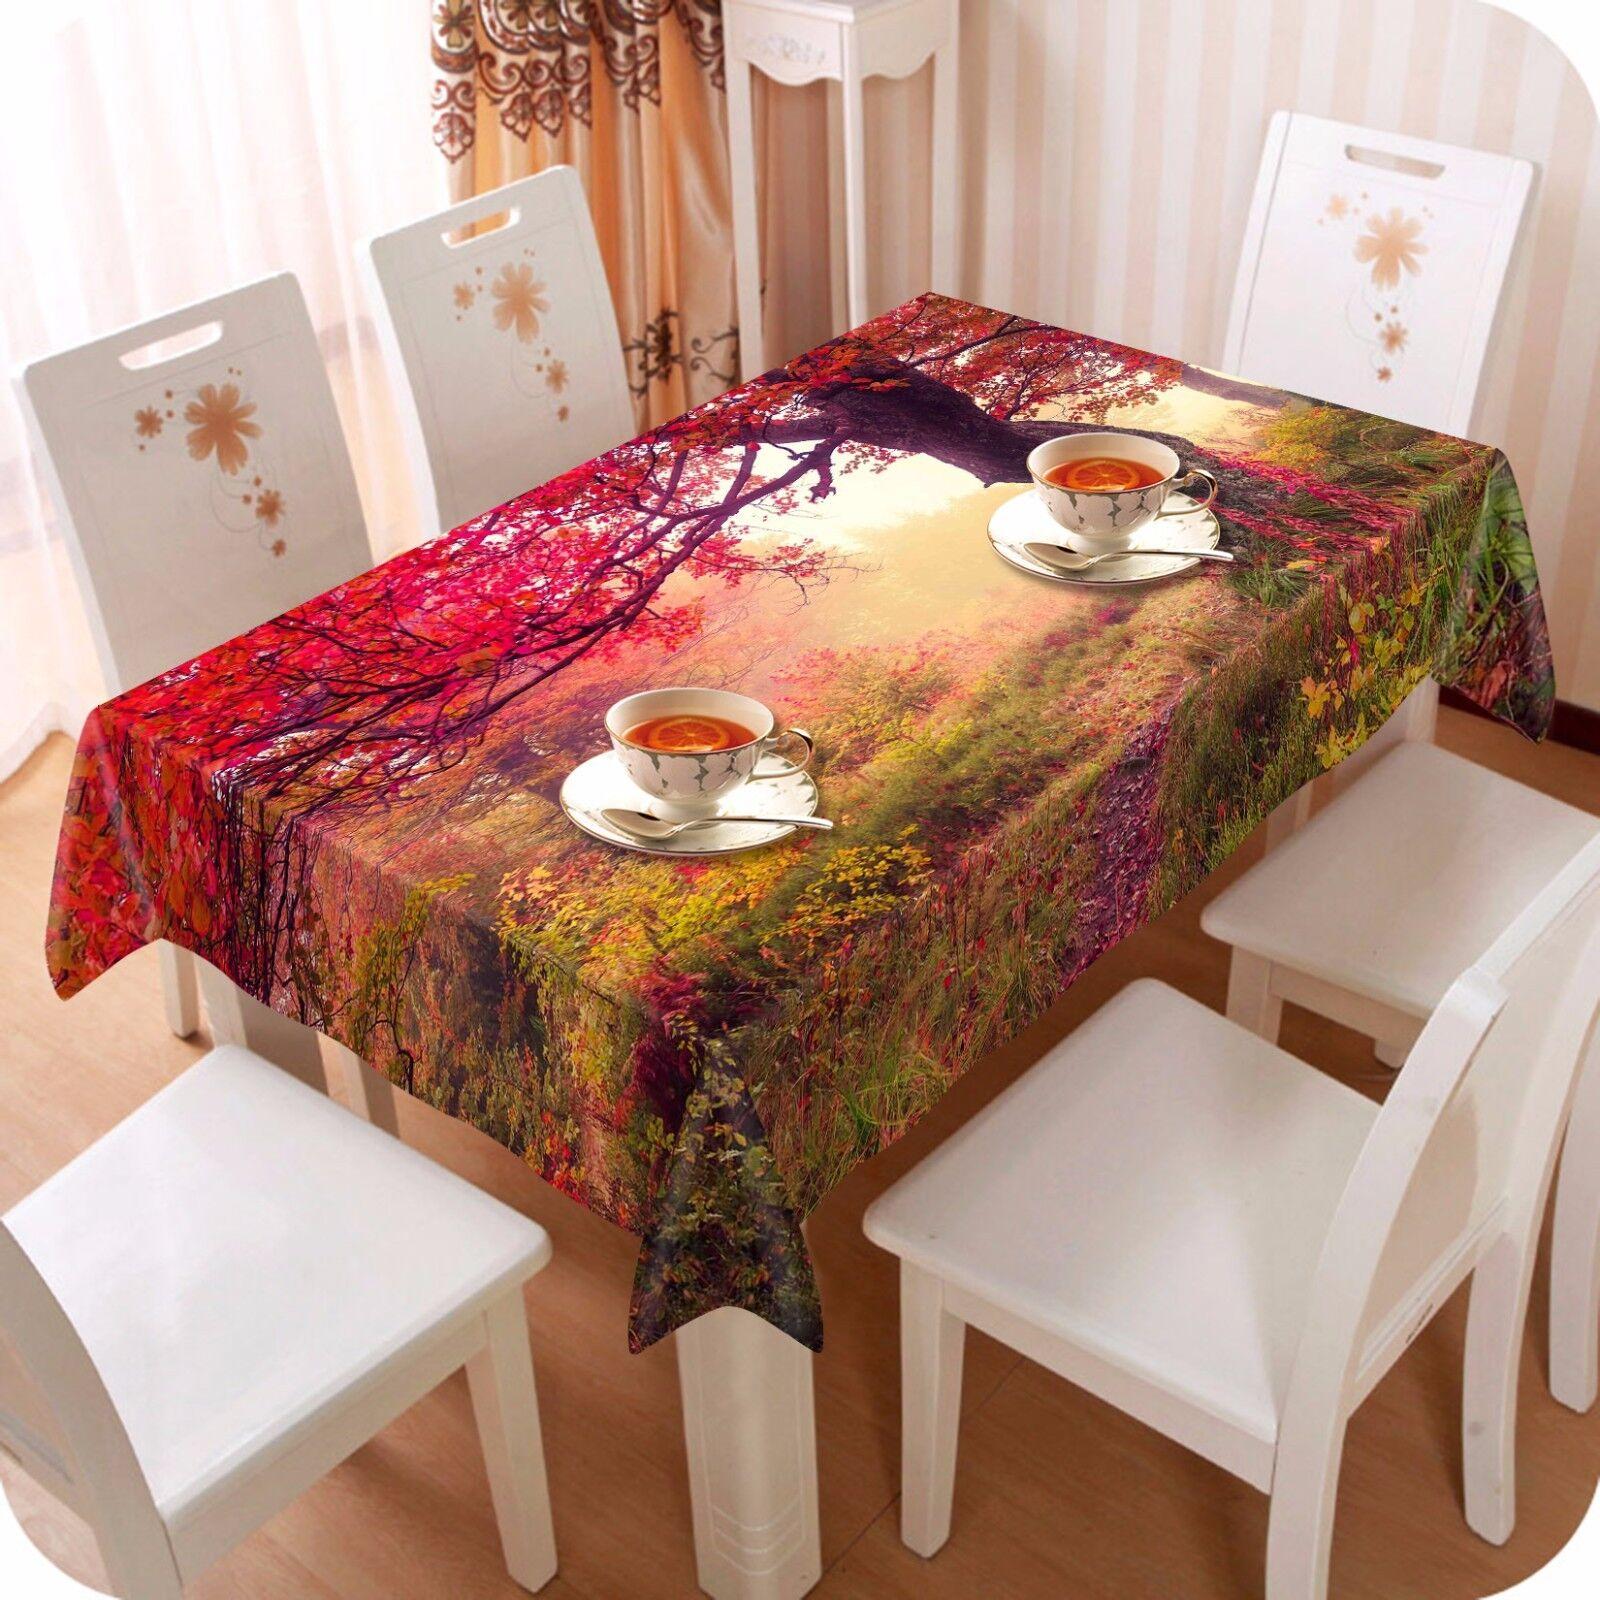 3D rouge Tree Nappe Table Cover Cloth fête d'anniversaire AJ papier peint Royaume-Uni Citron